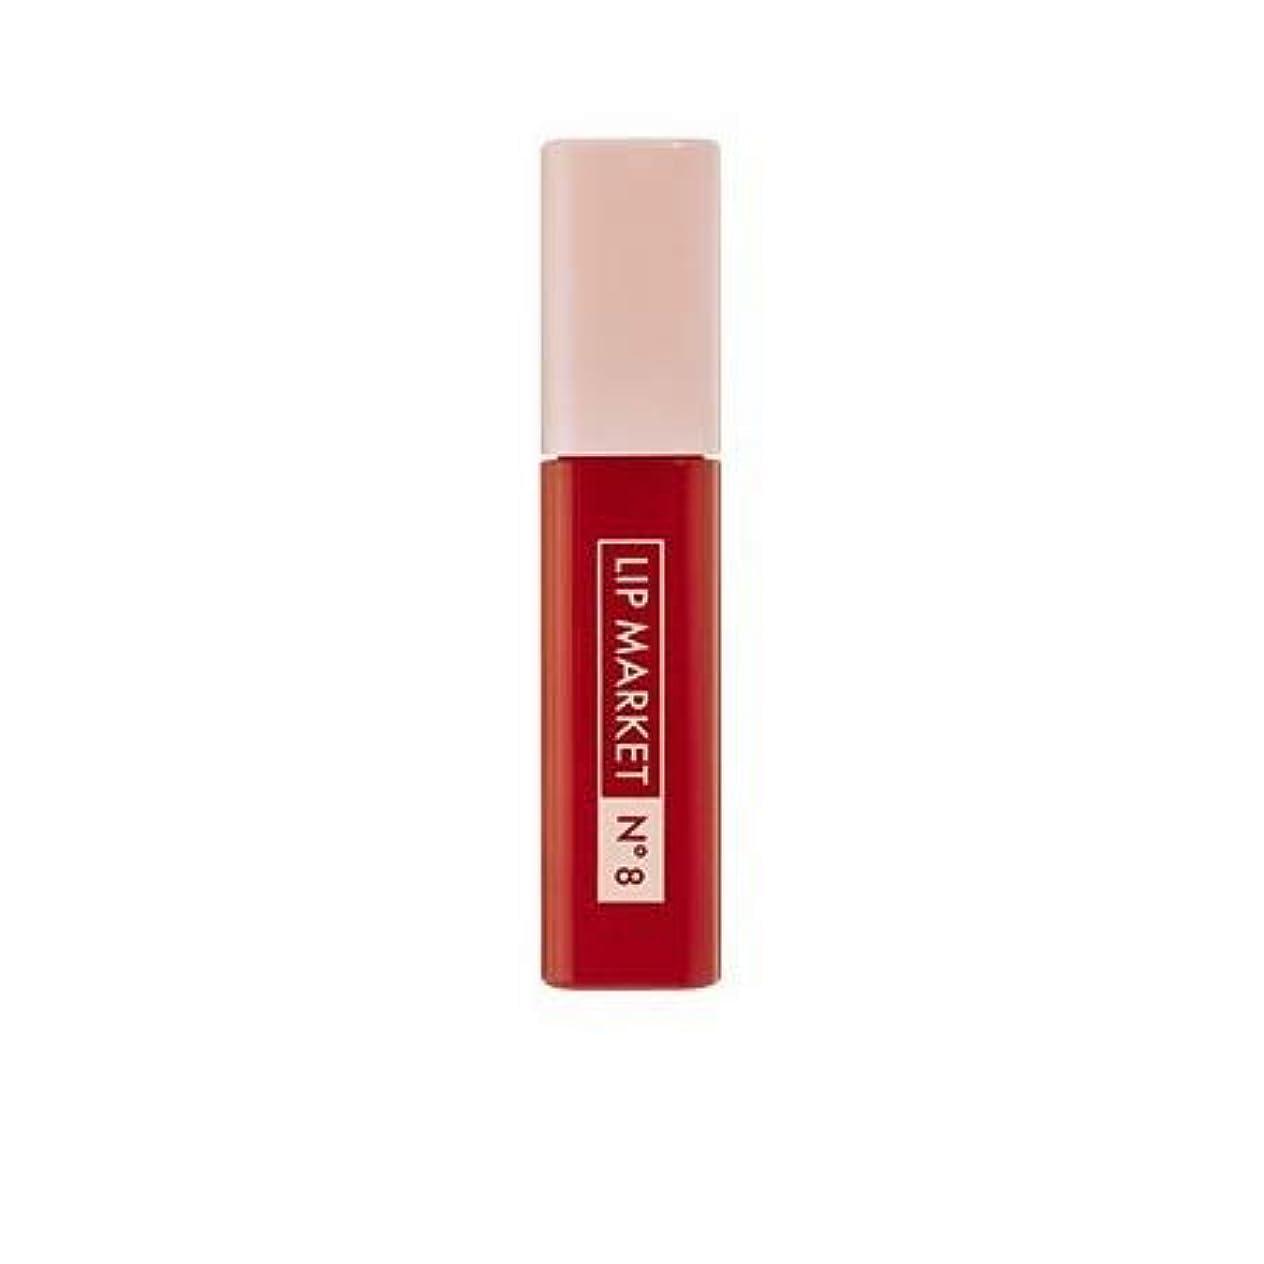 操縦する暴力ジャンルトニーモリー リップ マーケット シロップ ティント4g / TONY MOLY Lip Market Syrup Tint #8 Chilli Chilling [並行輸入品]